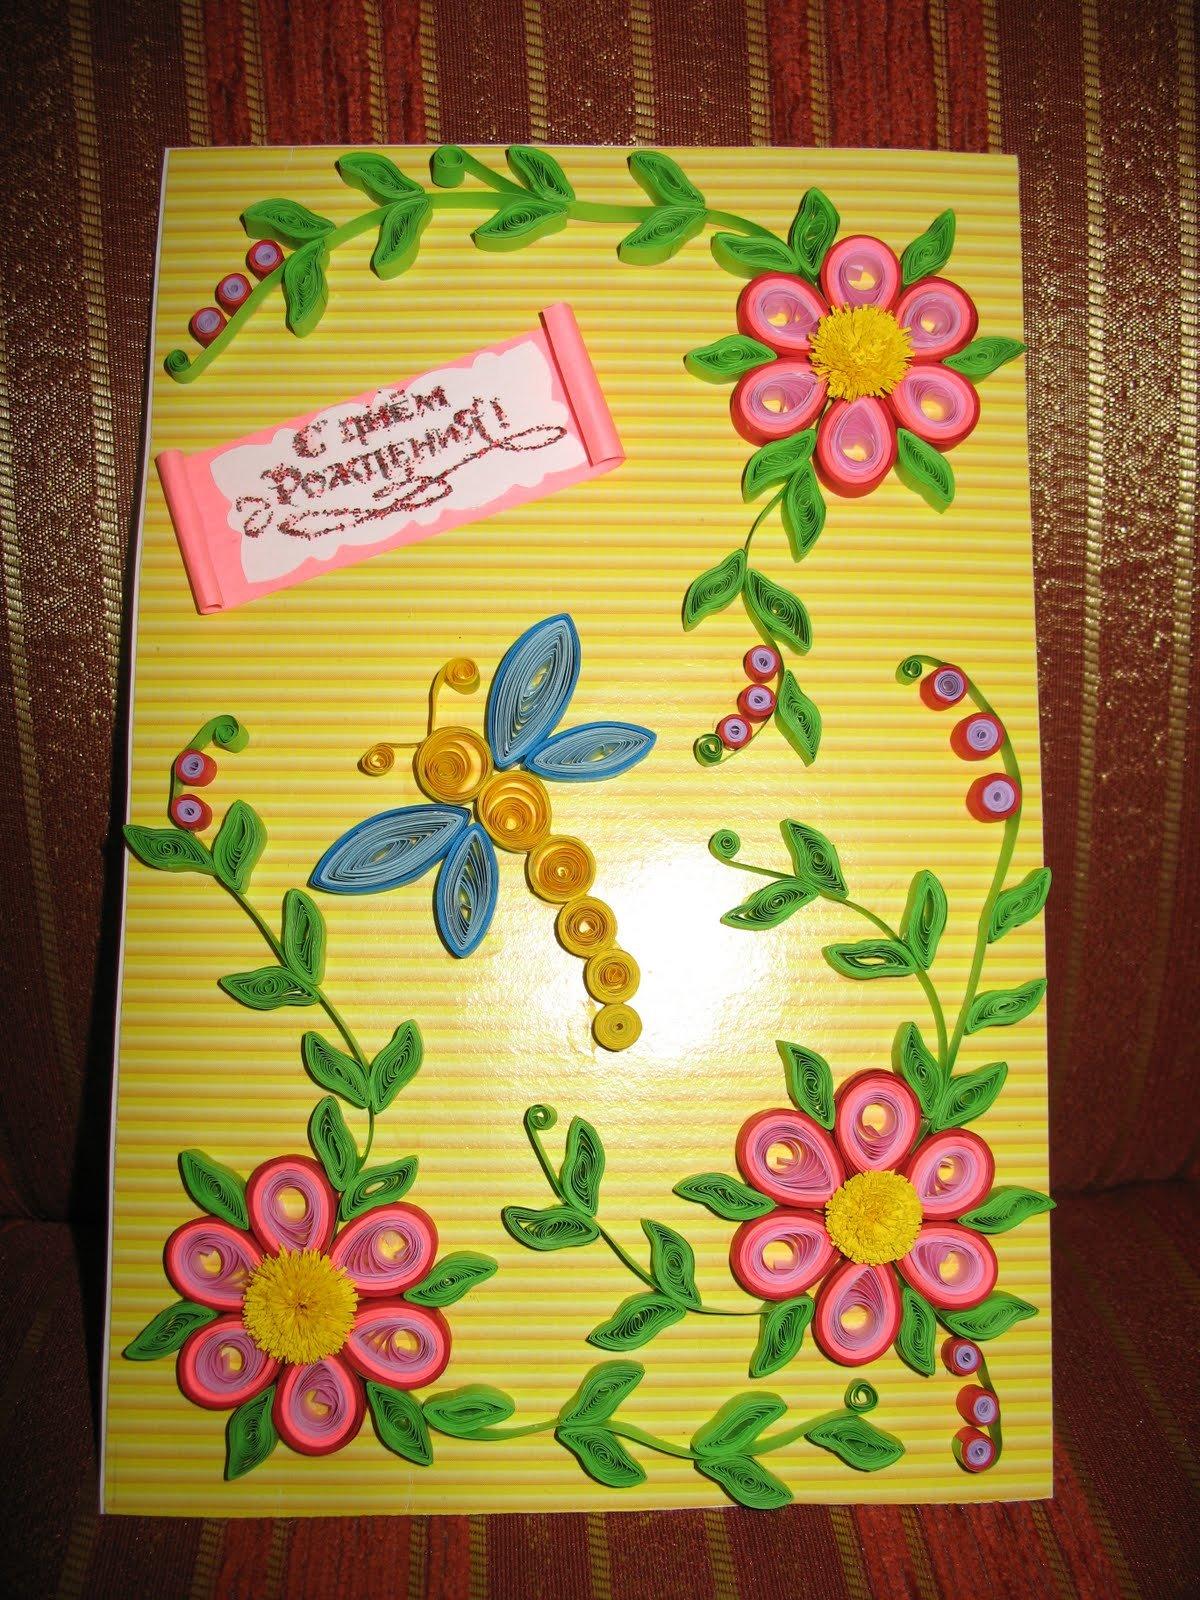 Открытка квиллинг бабушке на день рождения своими руками, открытки для